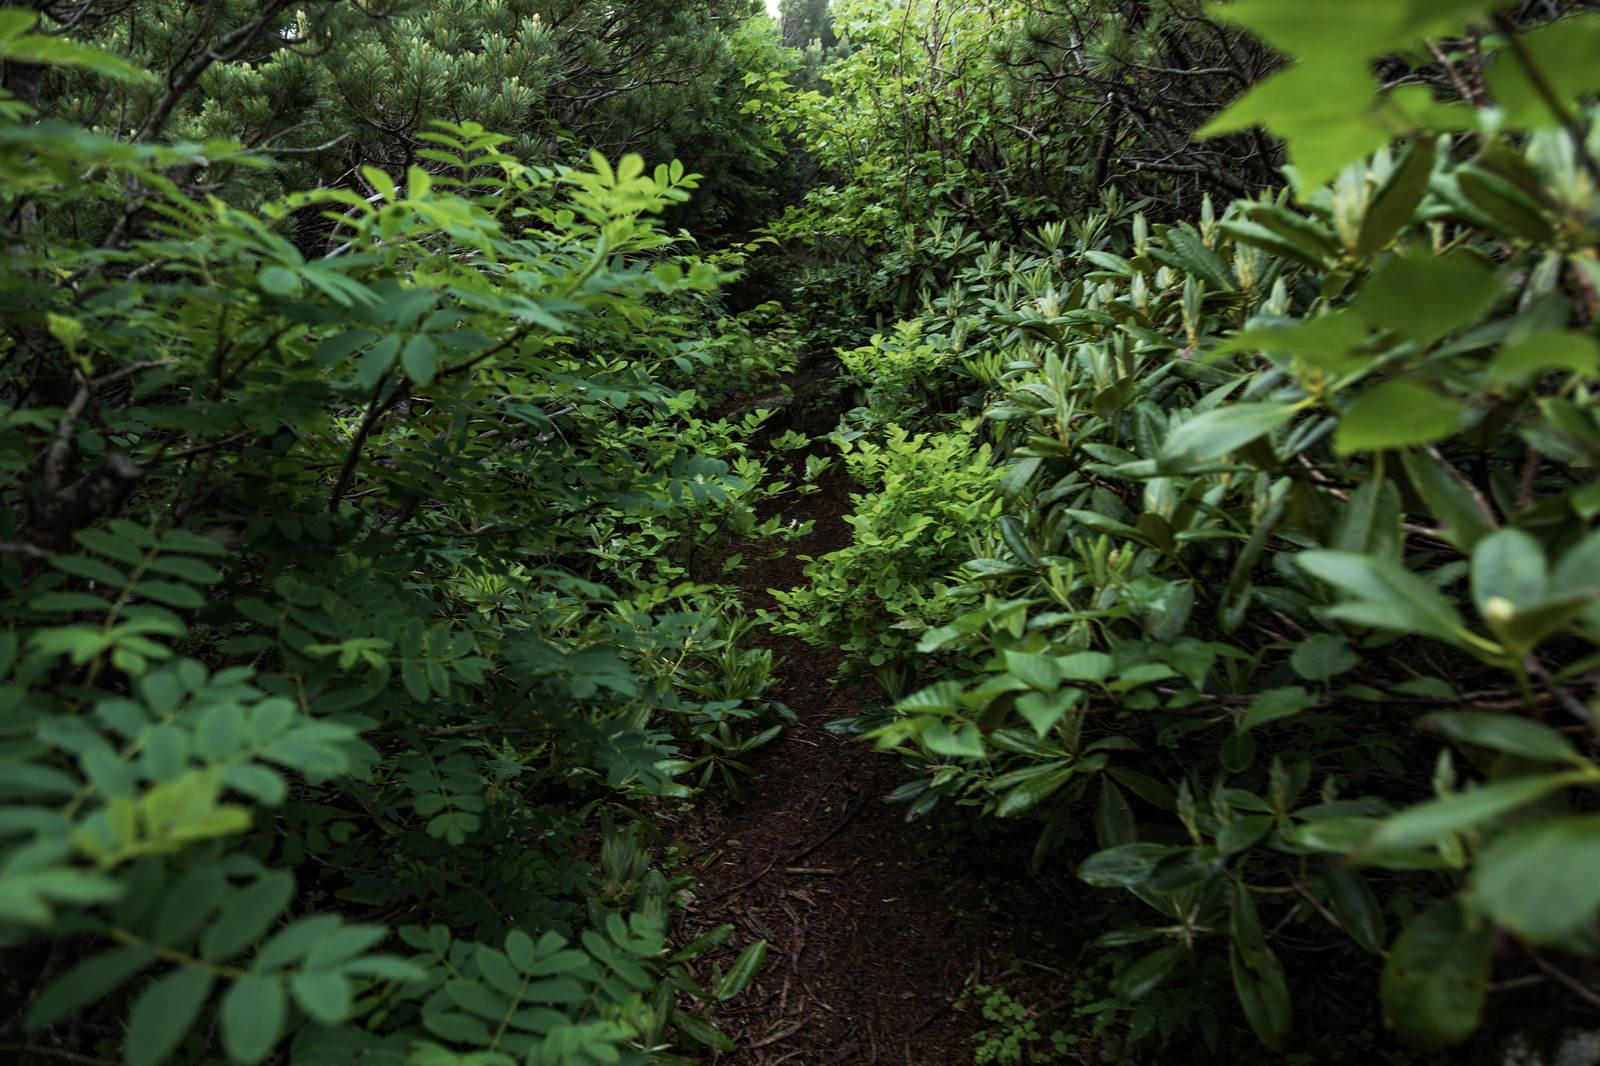 「植物が生い茂る乗鞍新登山道植物が生い茂る乗鞍新登山道」のフリー写真素材を拡大